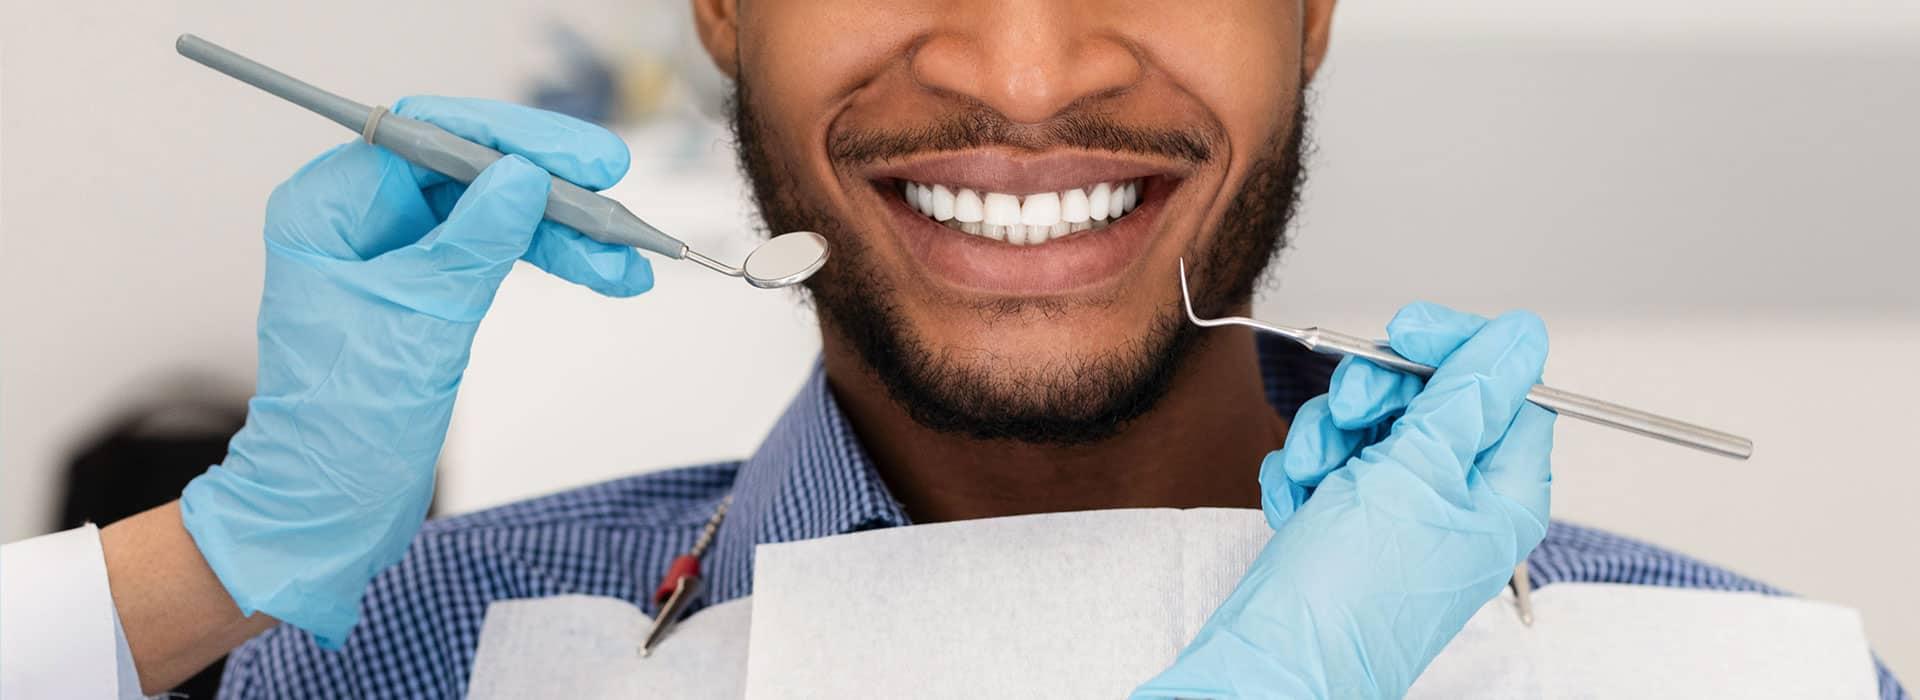 marina-dentistry-slider-home (2)